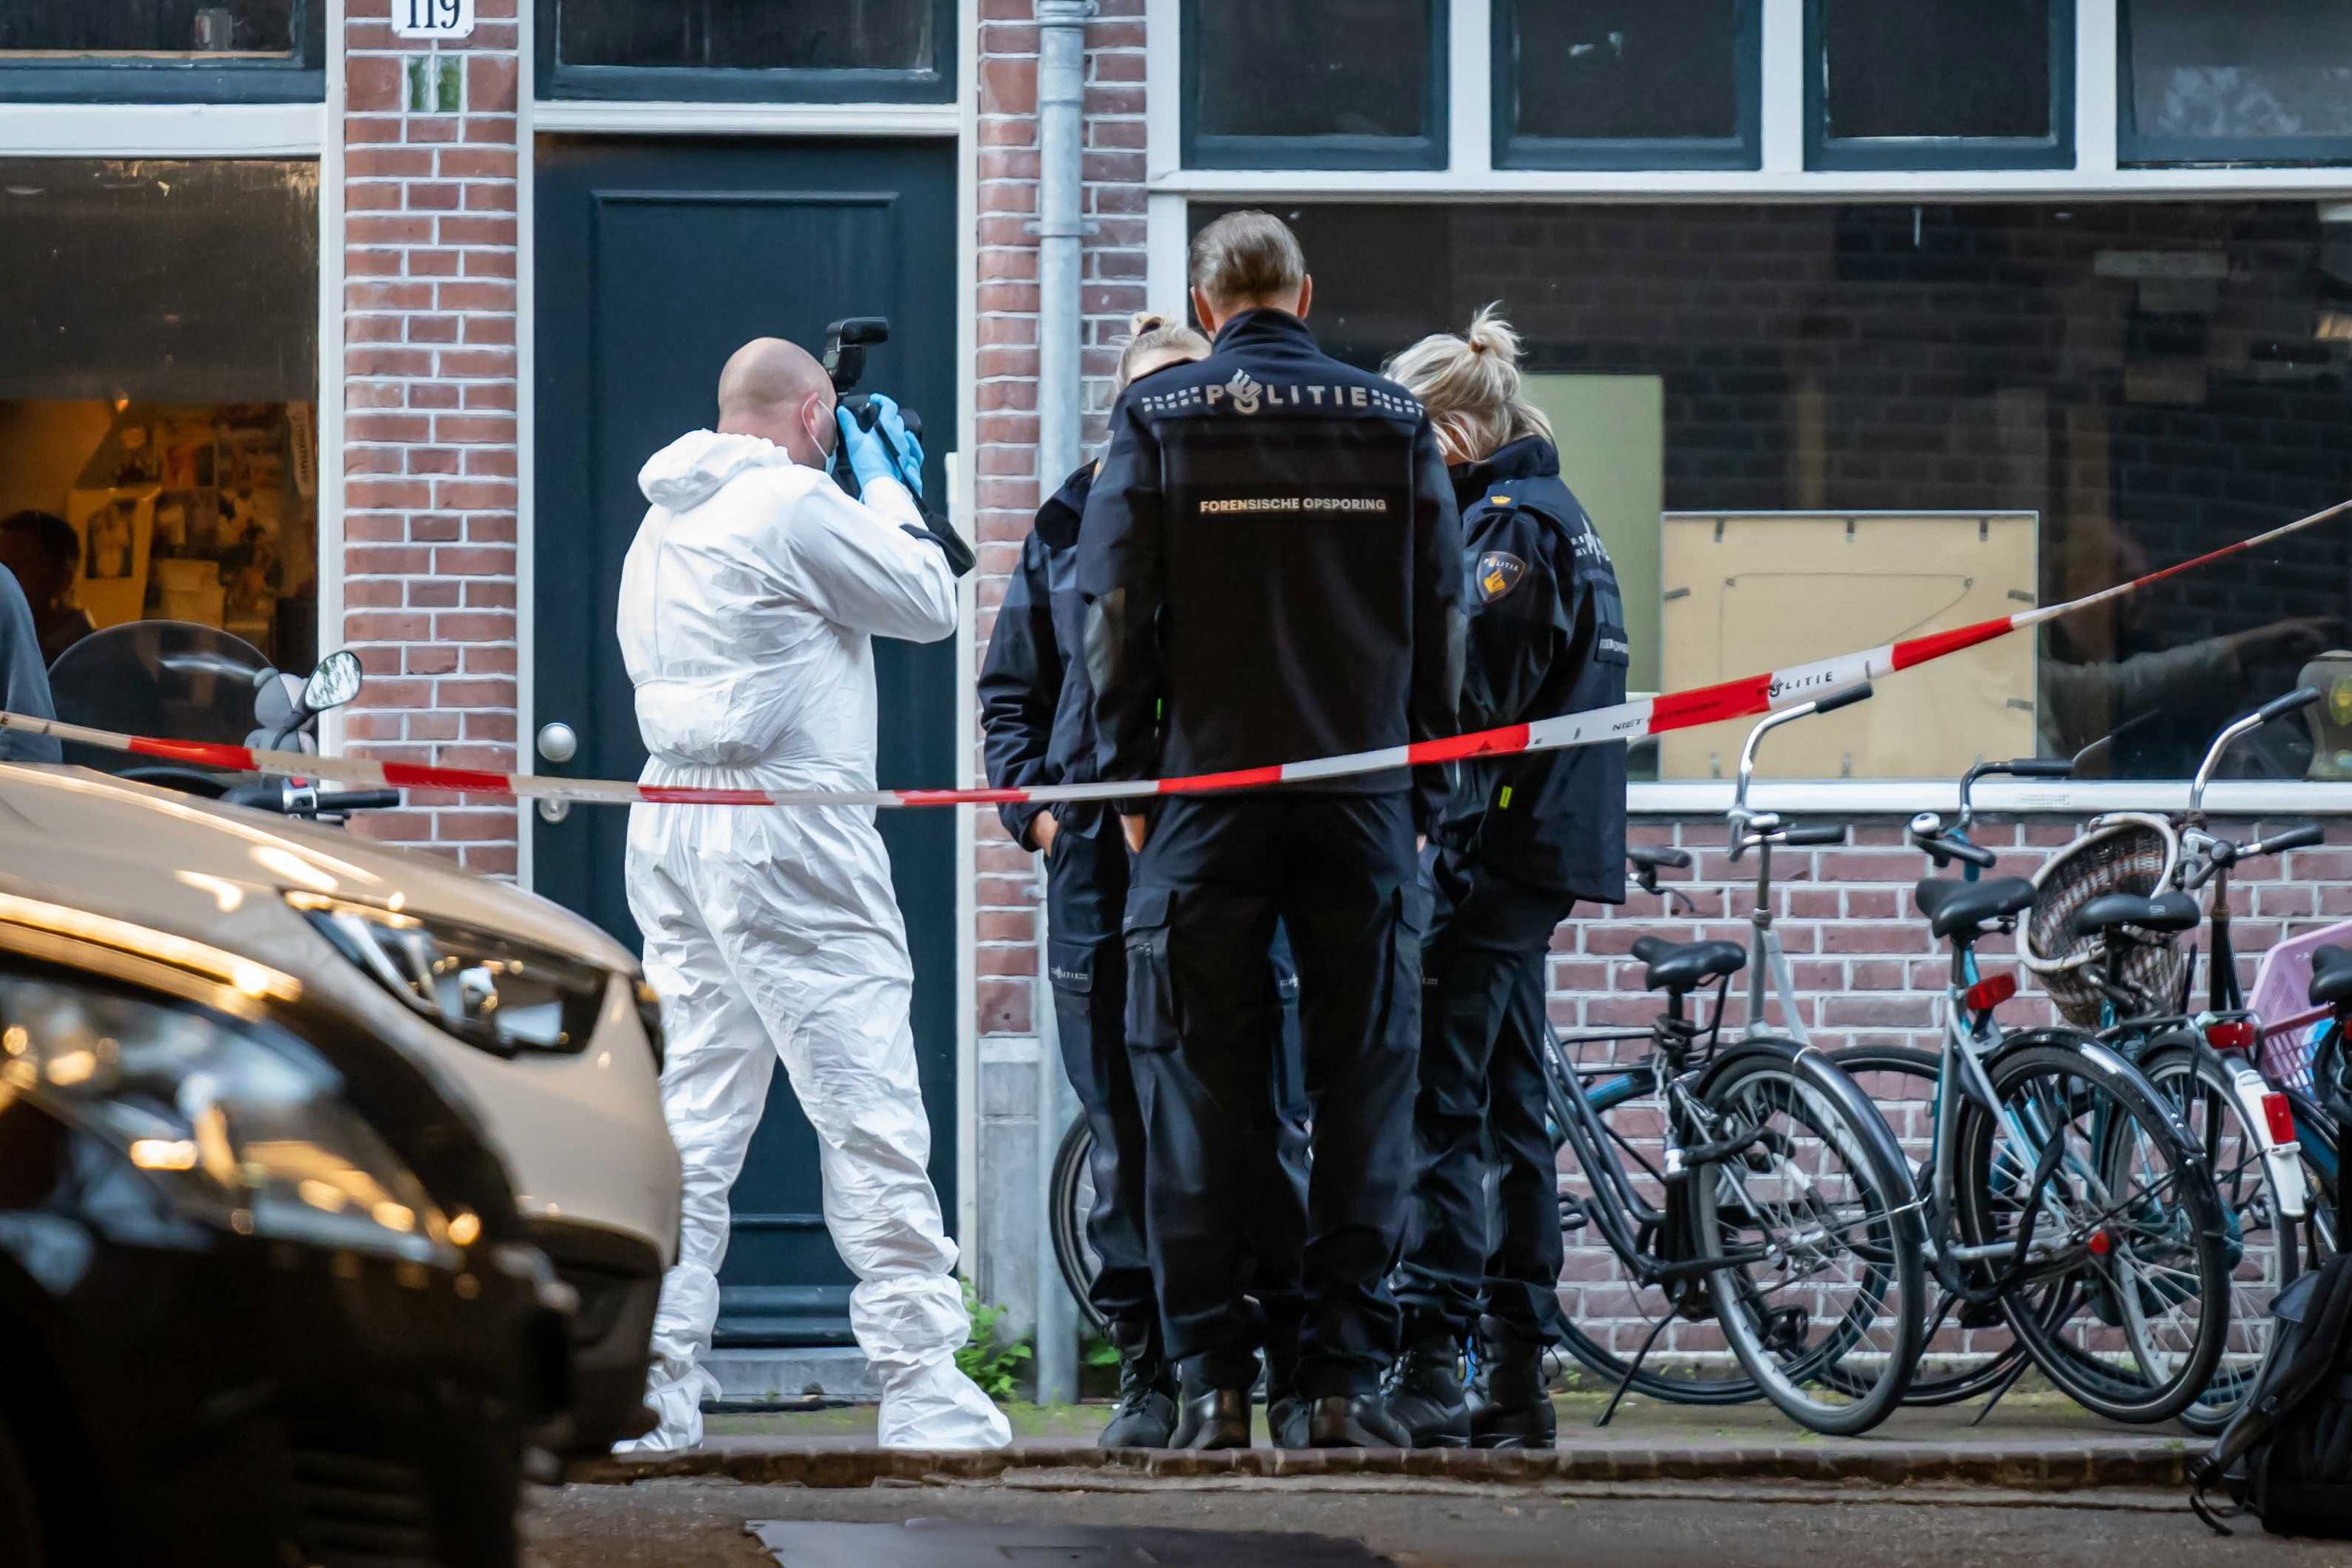 Policia científica en el lugar del ataque a De Vries.